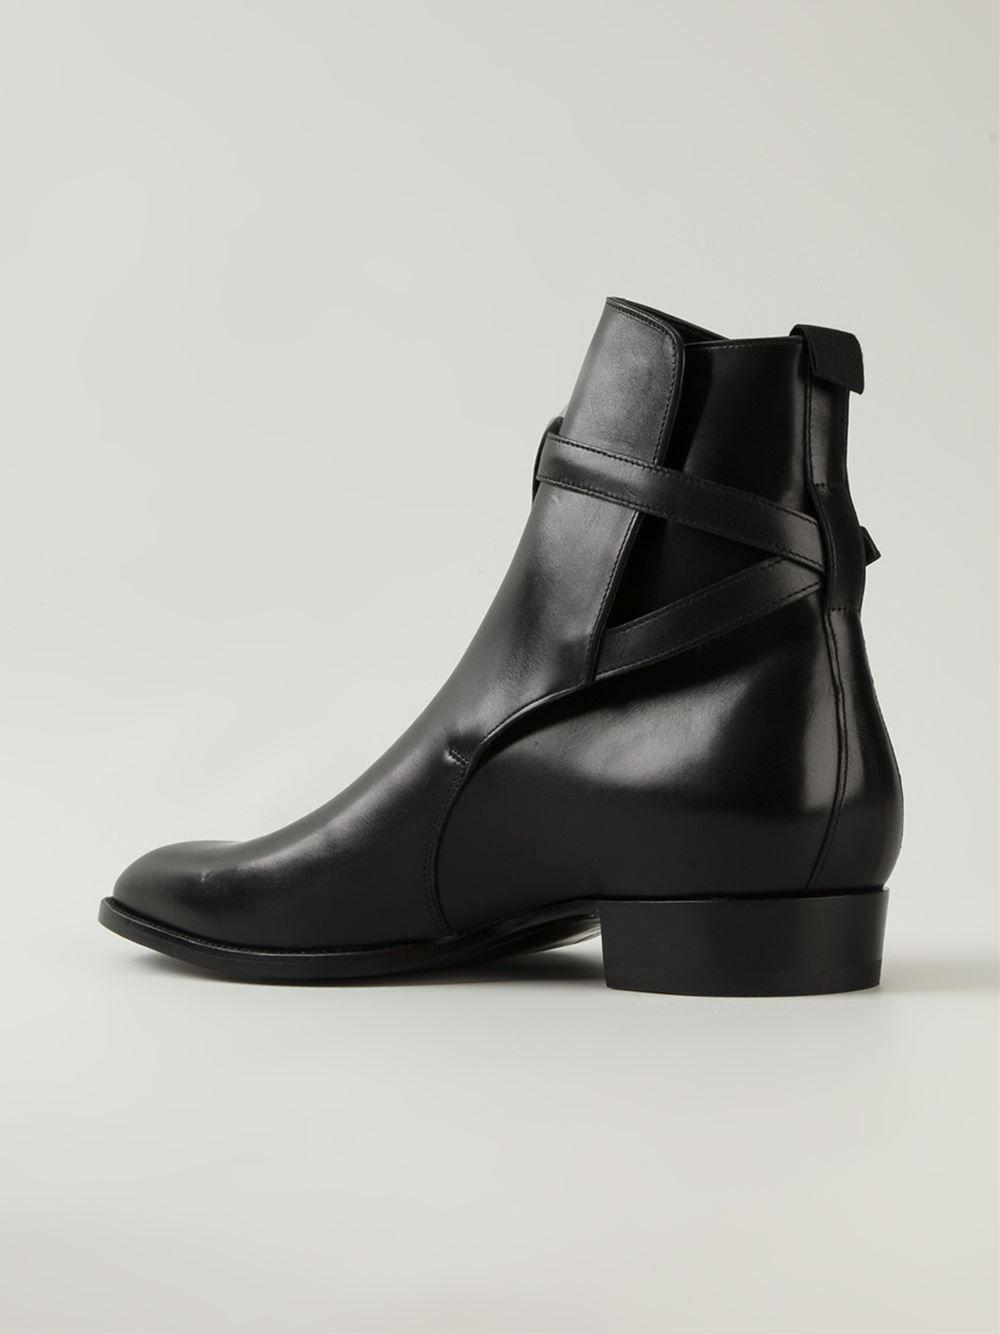 0a7ea0533a Handmade men black jodhpurs ankle boot, Men ankle high leather boot, Men's  boots - Boots